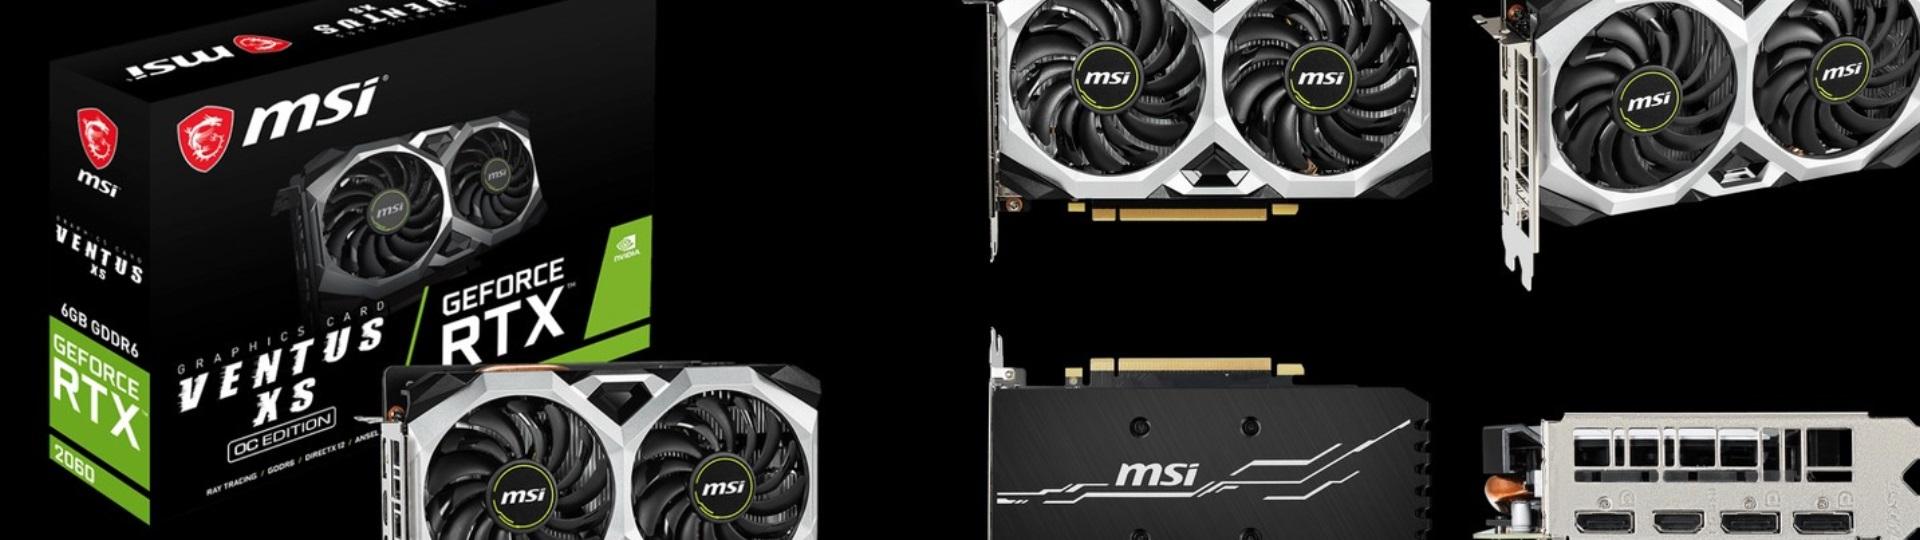 AviUtlにオススメPCスペック:GPU MSI GeForce RTX 2060 VENTUS XS 6G OC